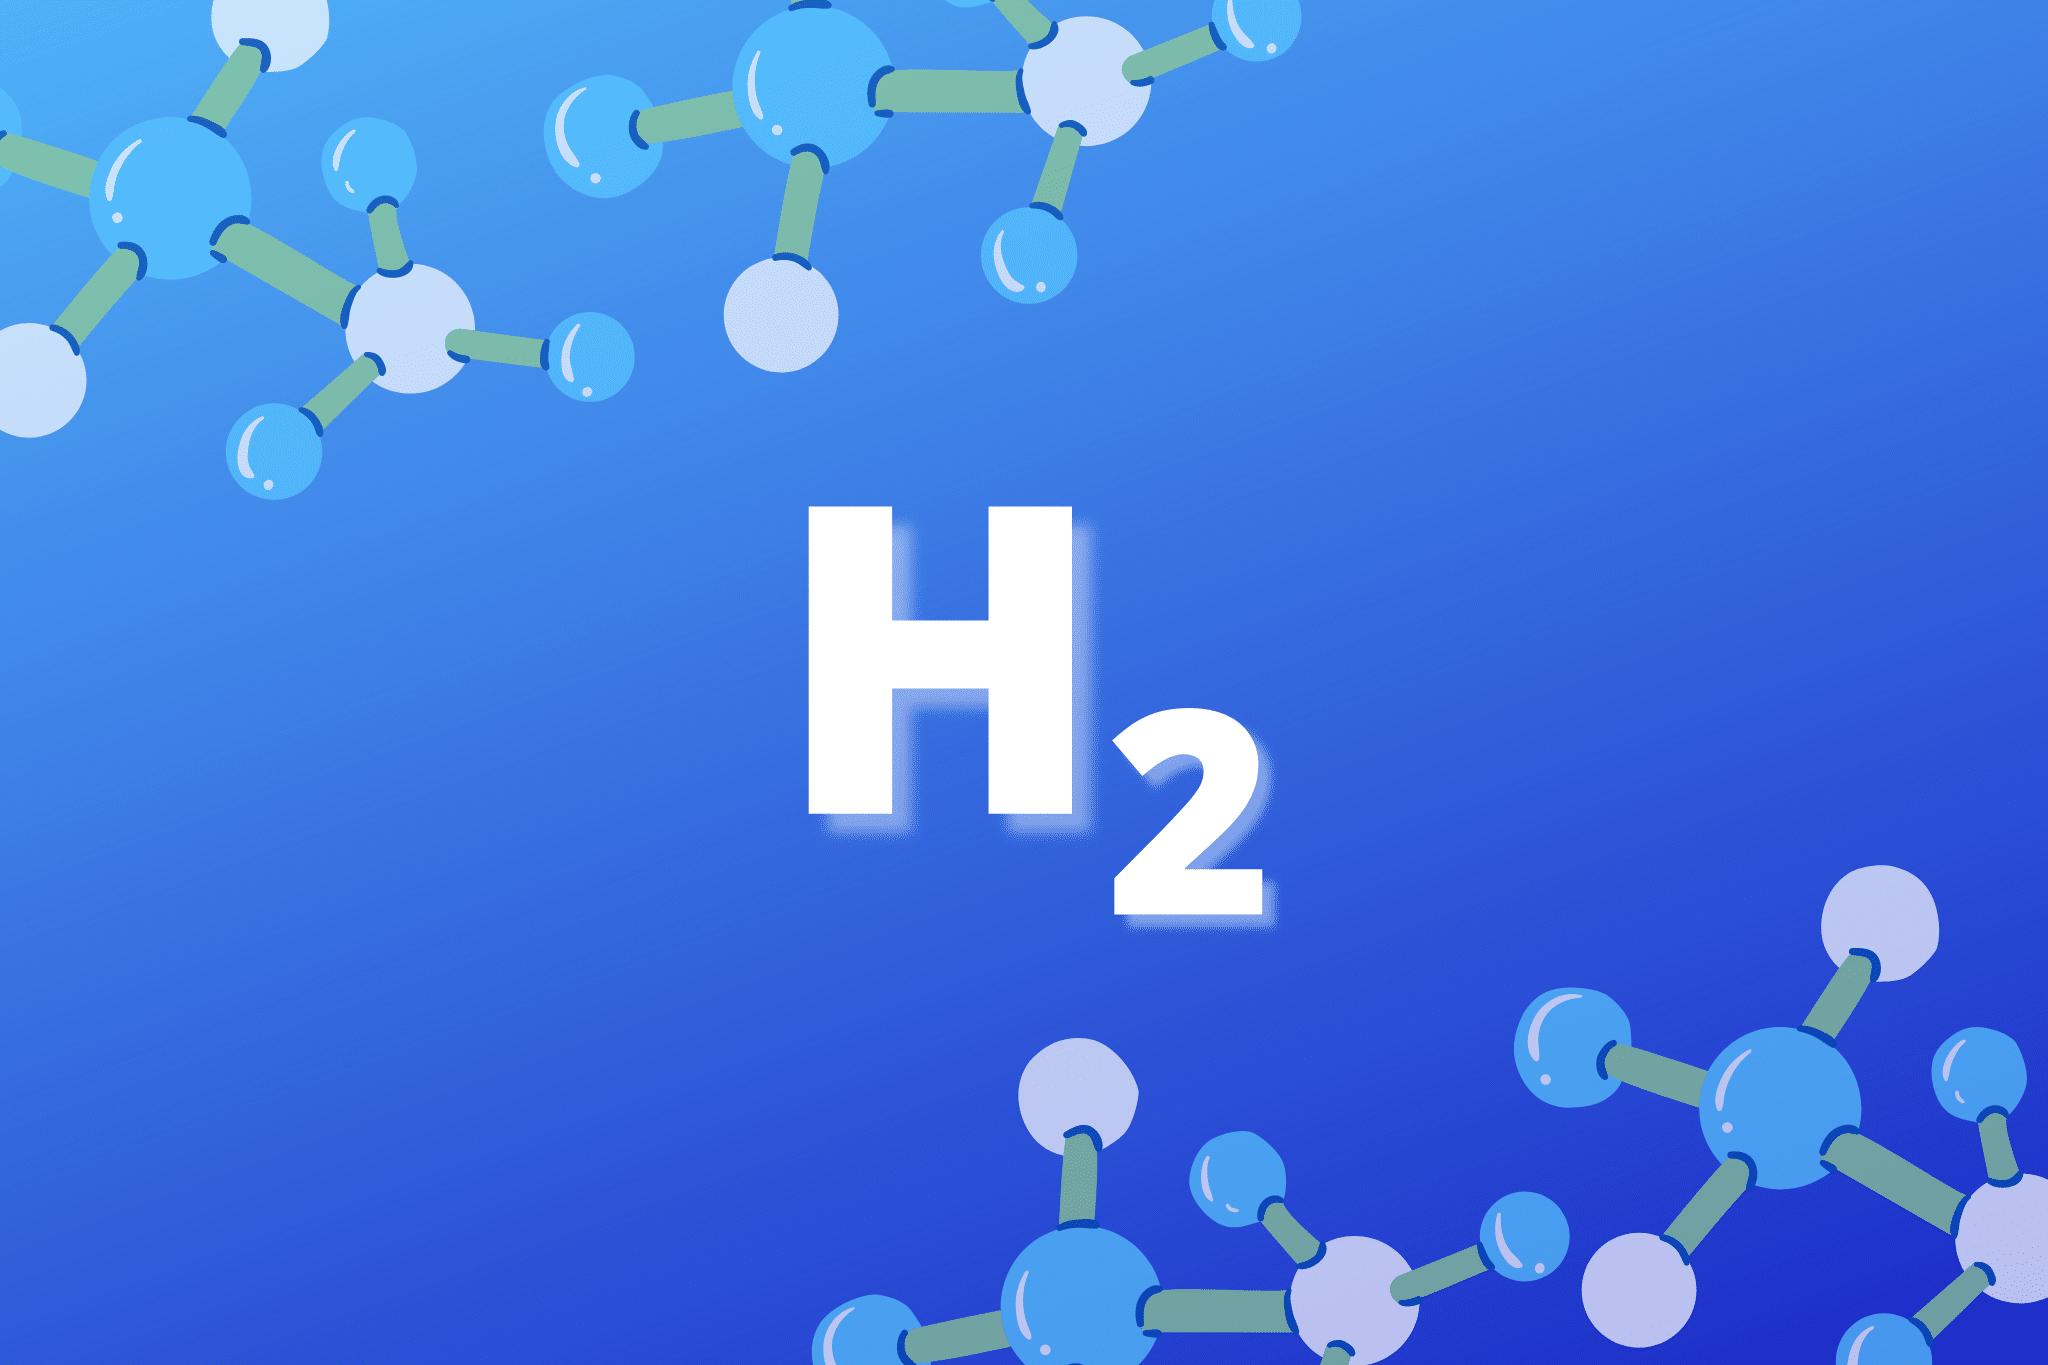 h2pro,startup,idrogeno,verde,elettrolisi,etac,processo,acqua,scissione,pressione,applicazioni,nature,rinnovabili,efficienza,ciclo,conversione,compressione,EnergyCuE